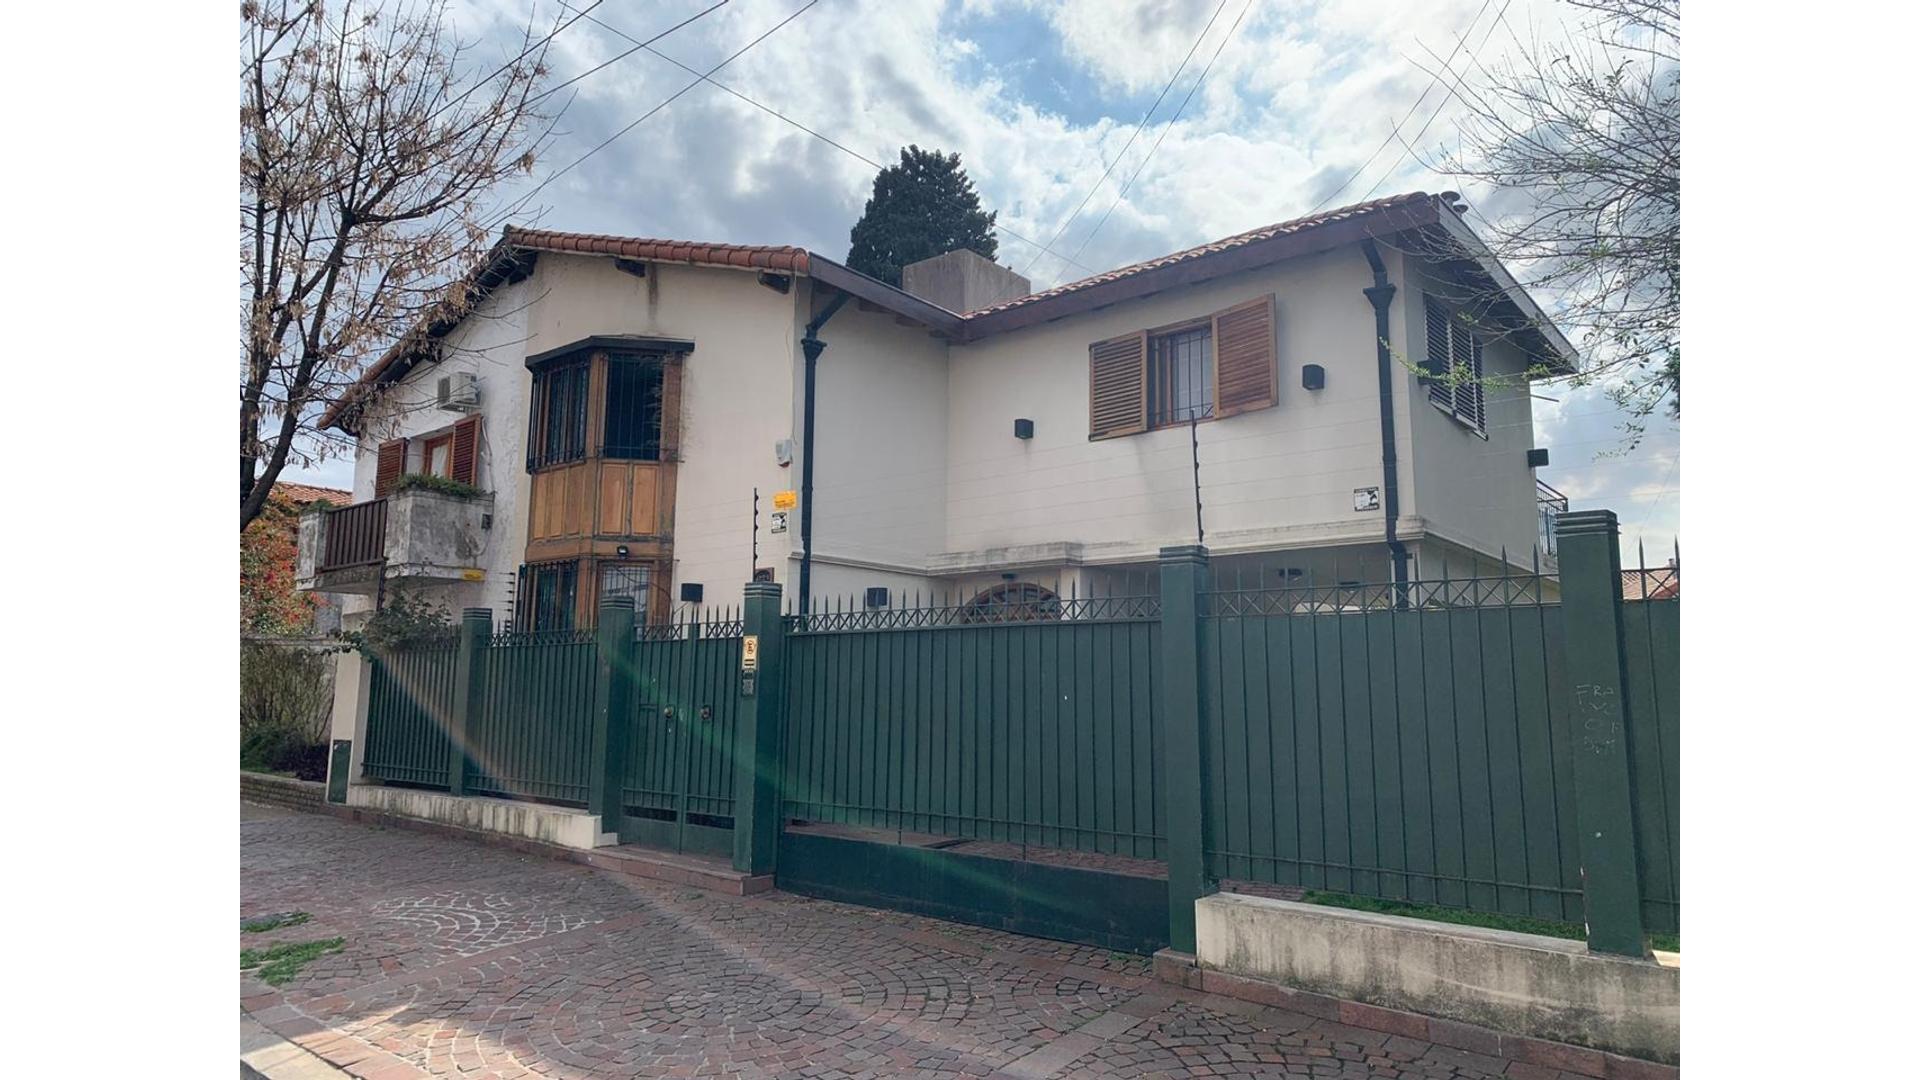 Hermosa Casa en Barrio Parque Saavedra 4 amb.Parque/piscina